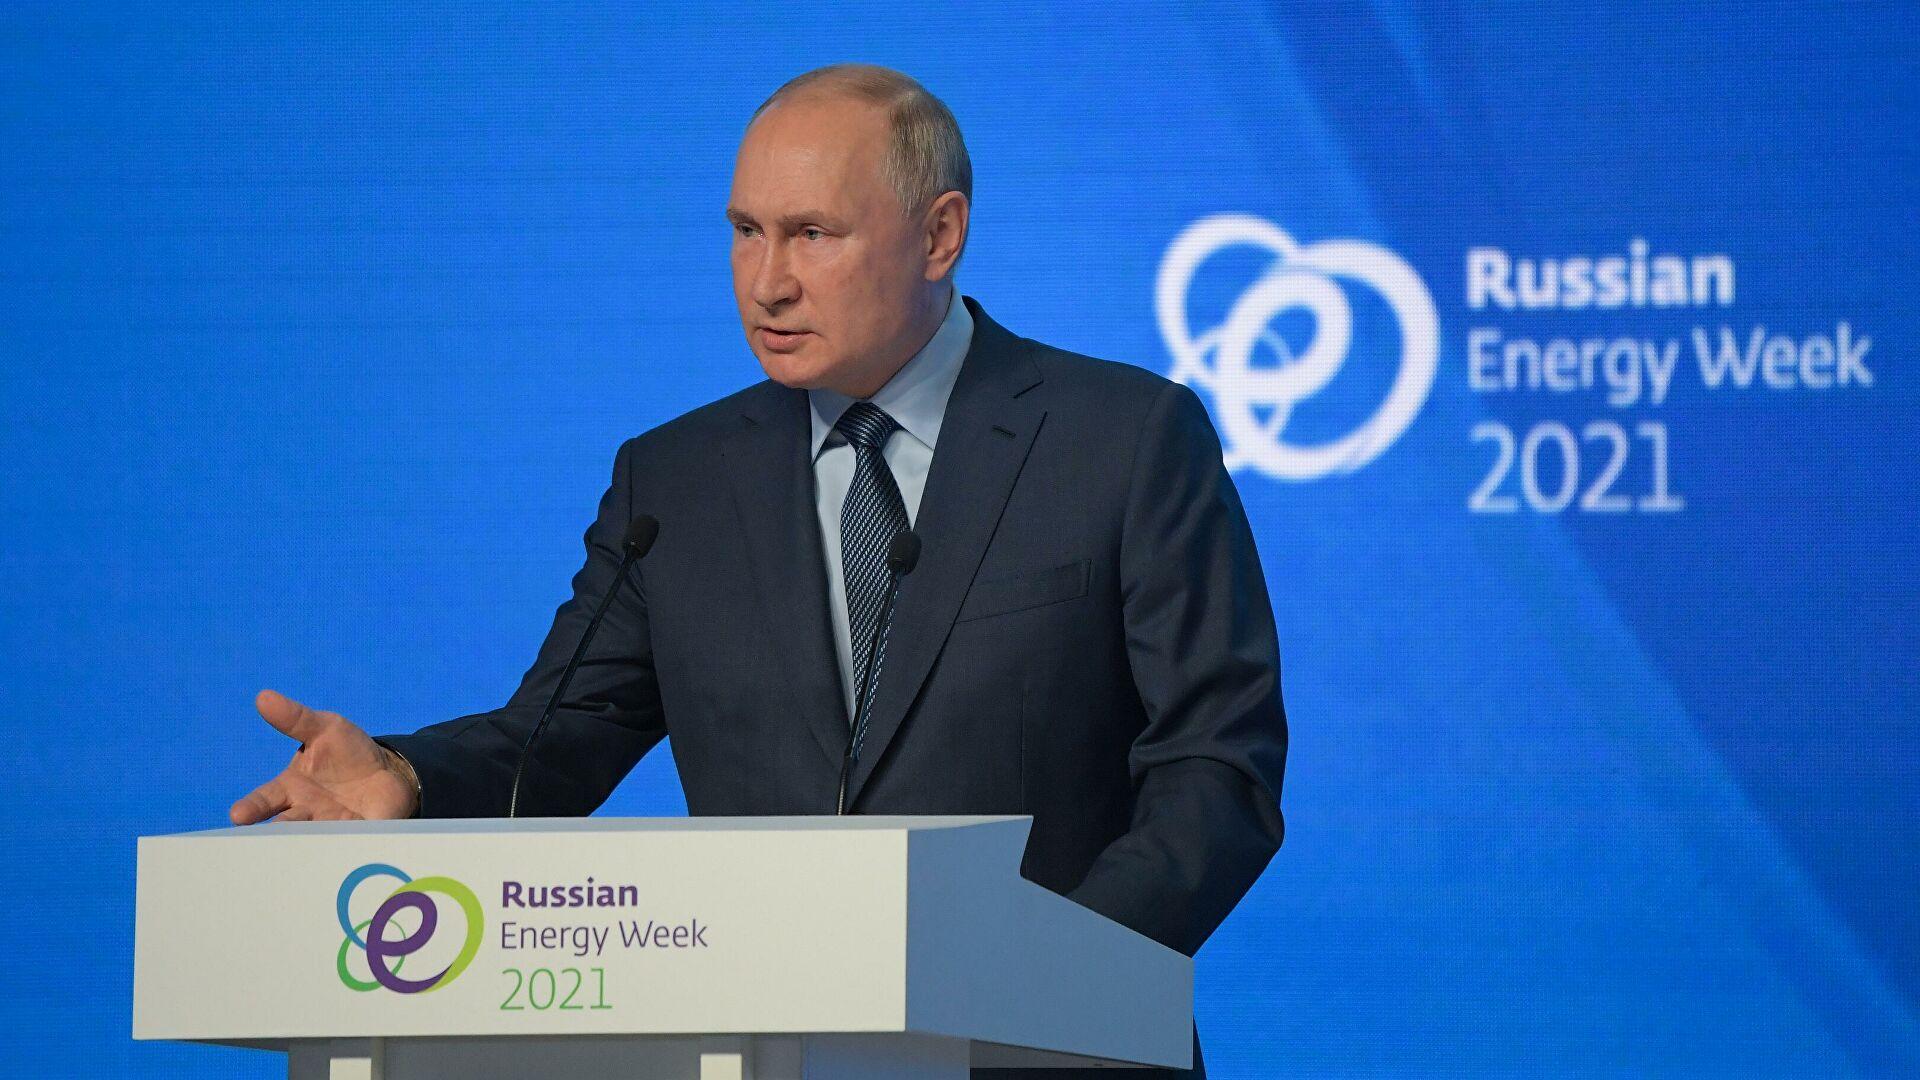 Путин: Русија се није повукла из безбедносних уговора, а САД показују прстом на нас како би се ослободиле одговорности